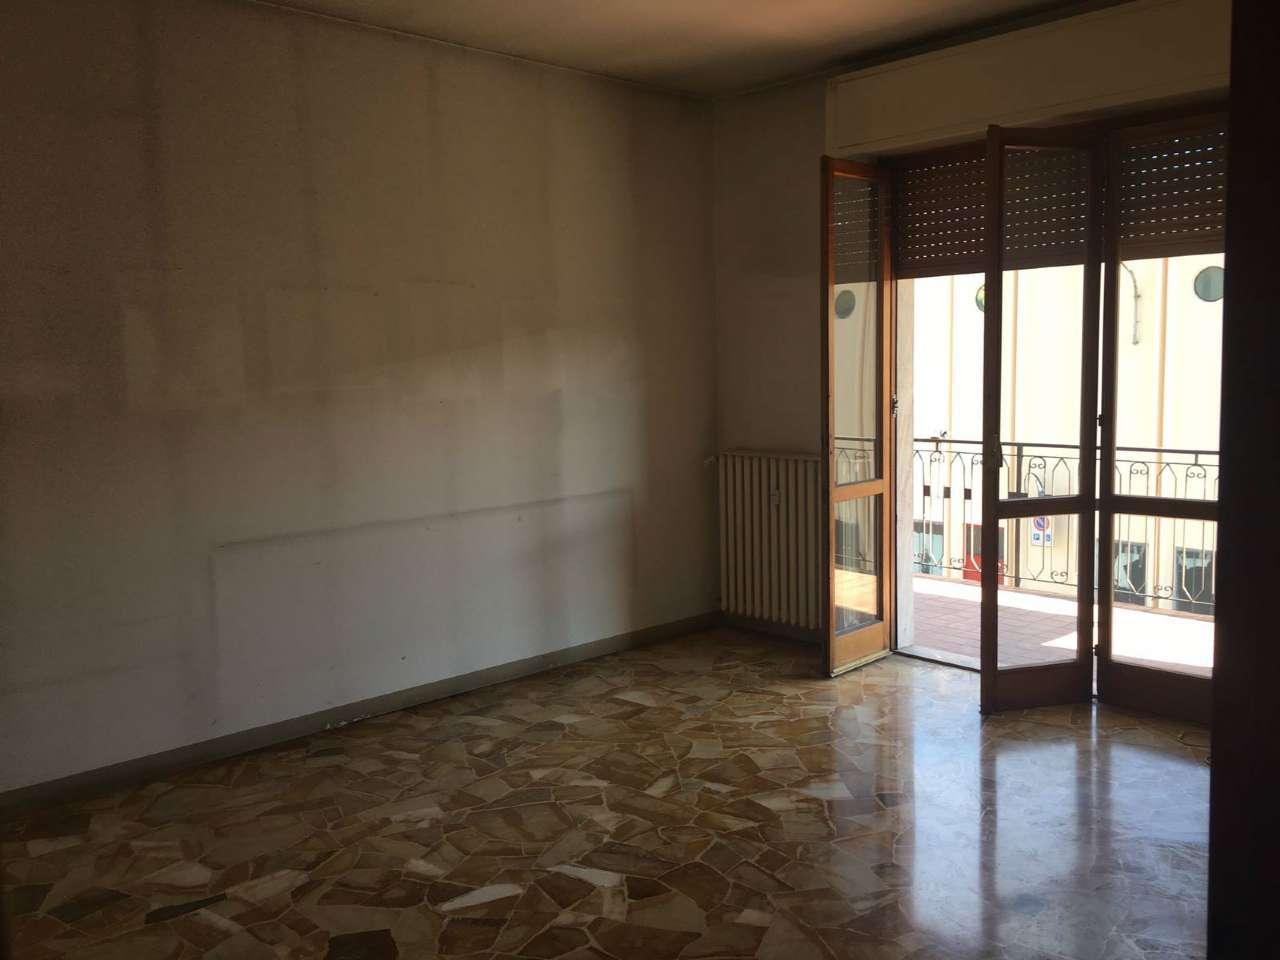 Appartamento in vendita a Besozzo, 2 locali, prezzo € 65.000 | CambioCasa.it